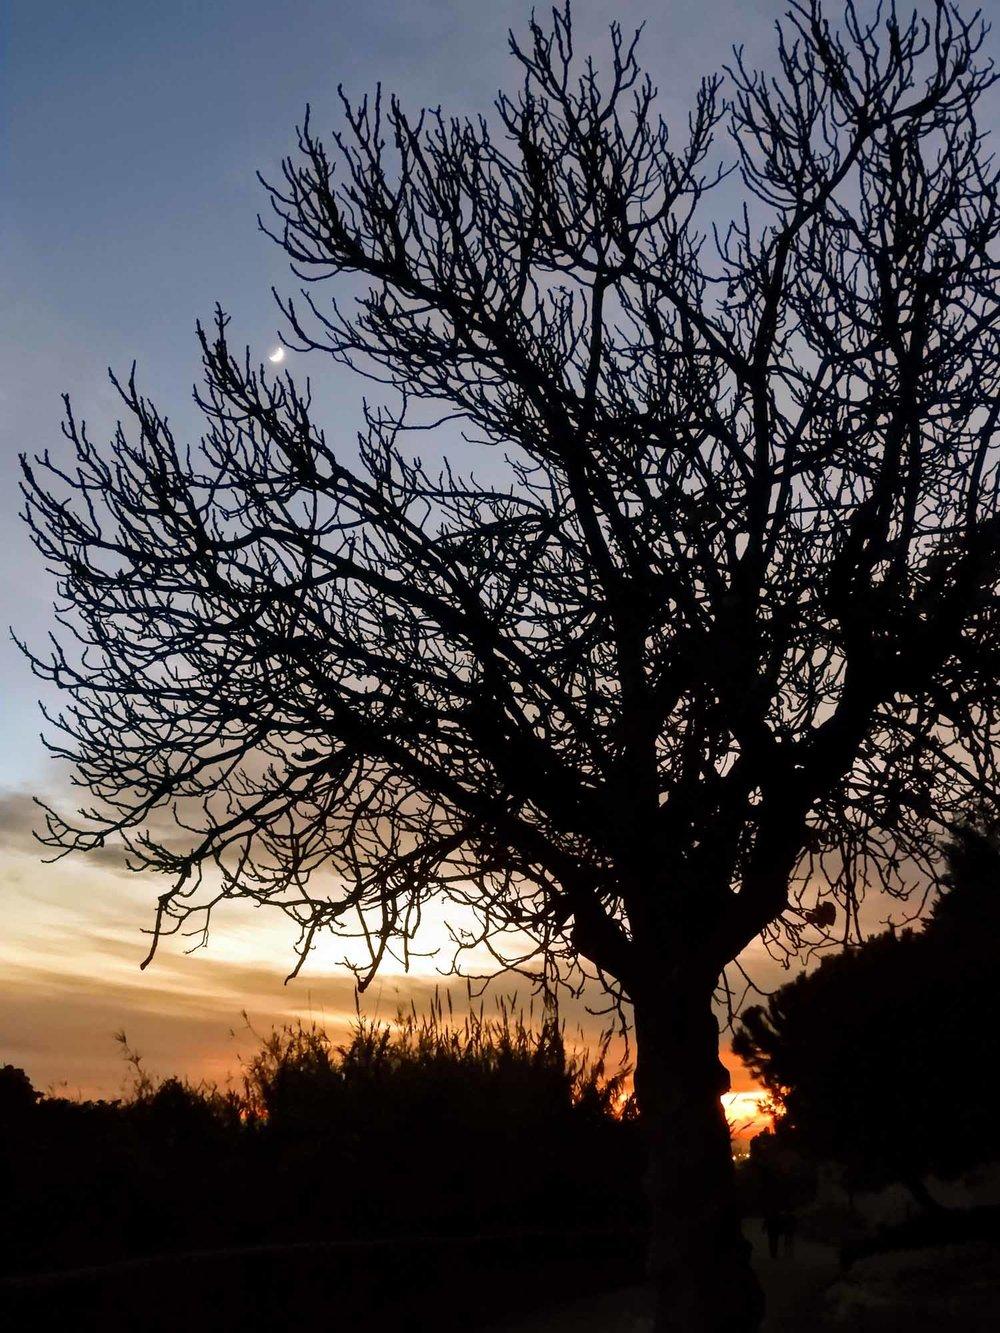 spain-barcelona-montjuic-tree-sunset.jpg